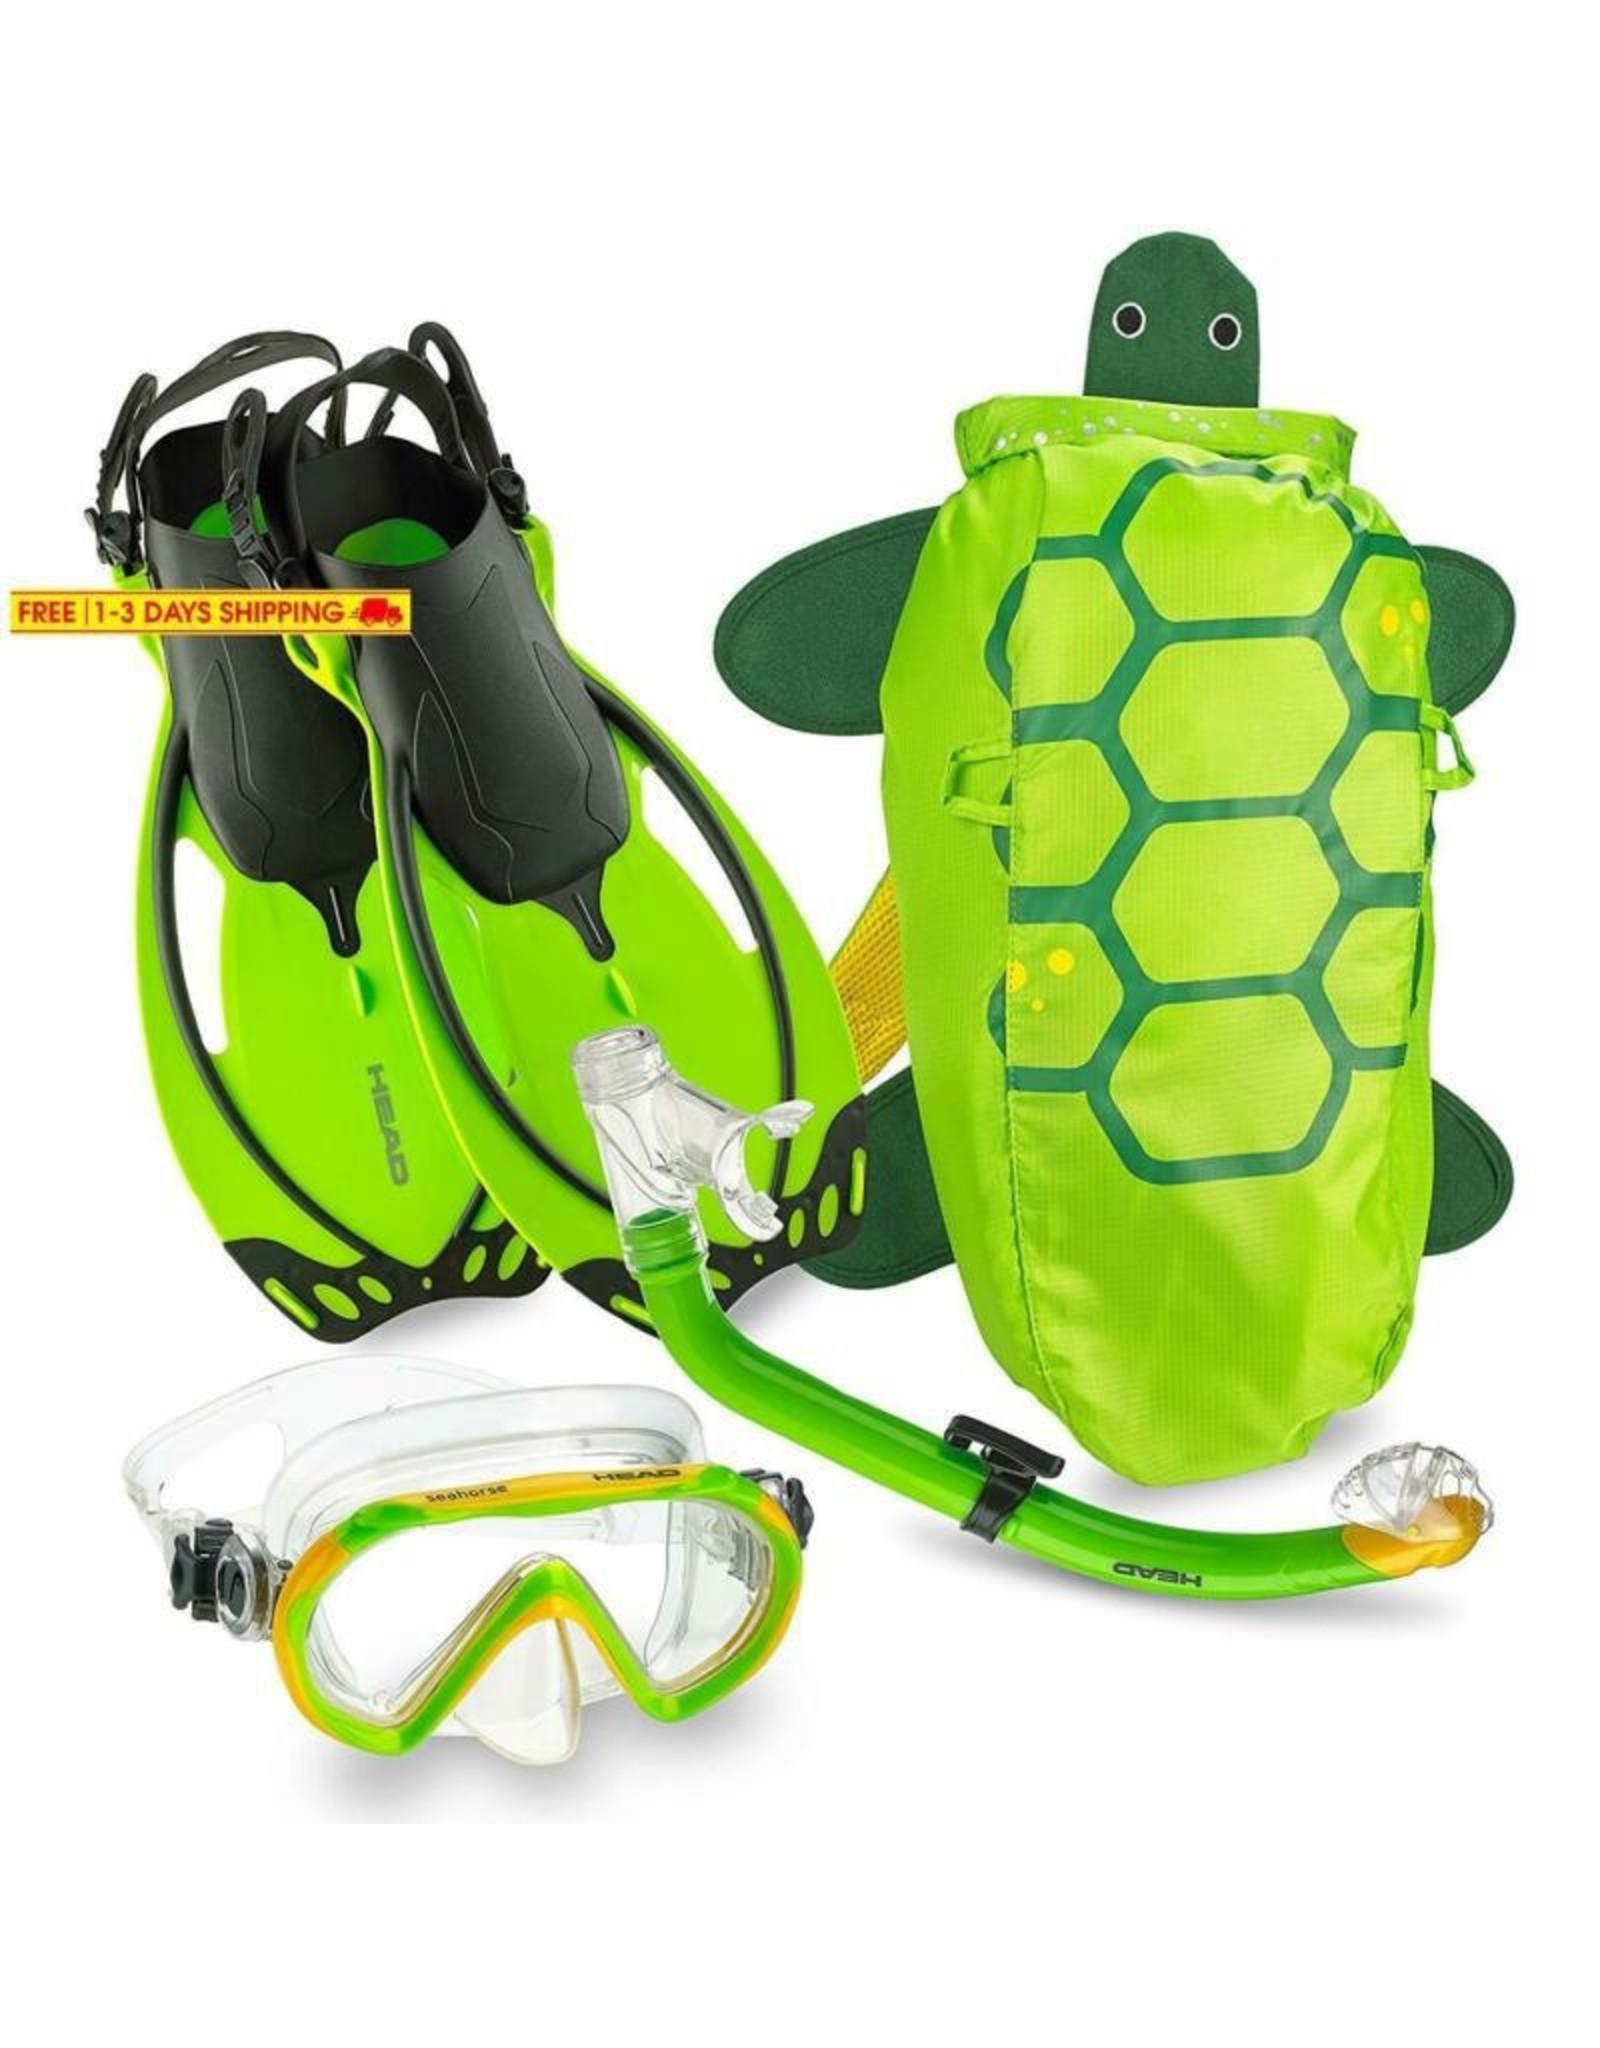 Head Head Sea Pals Jr Snorkeling Set